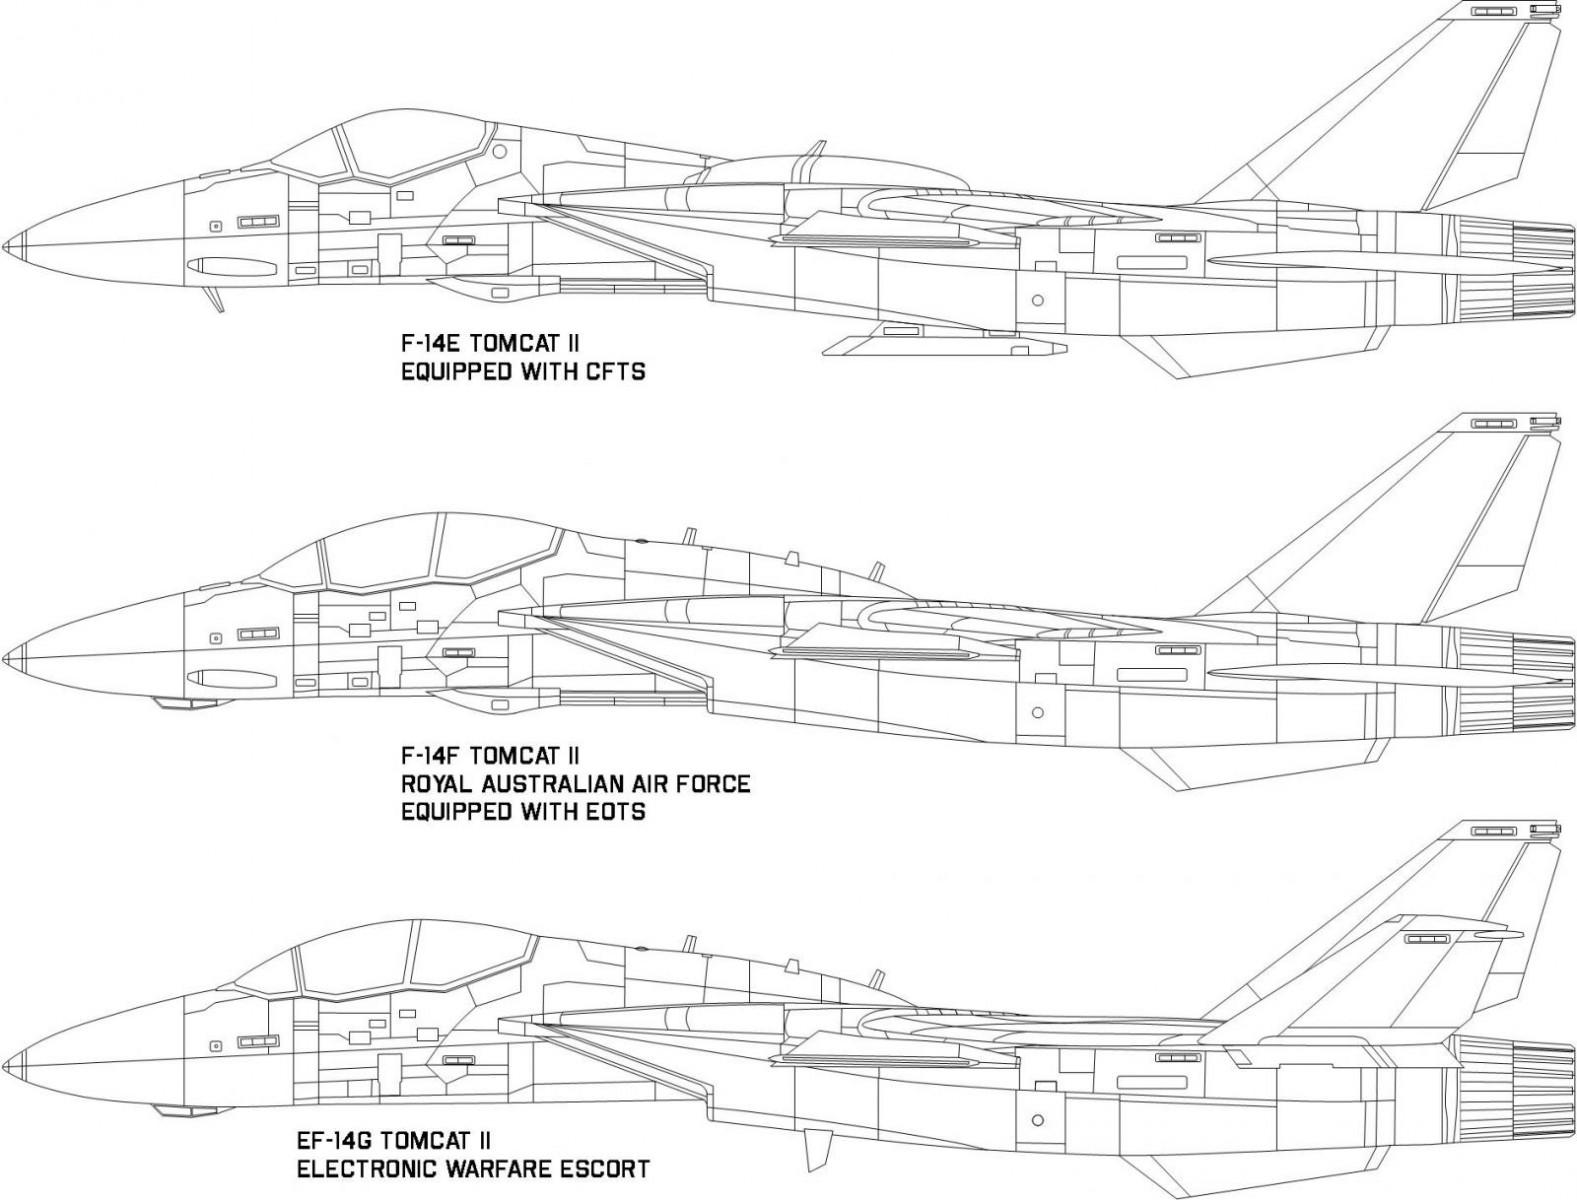 F-14 Tomcat II family side.jpg